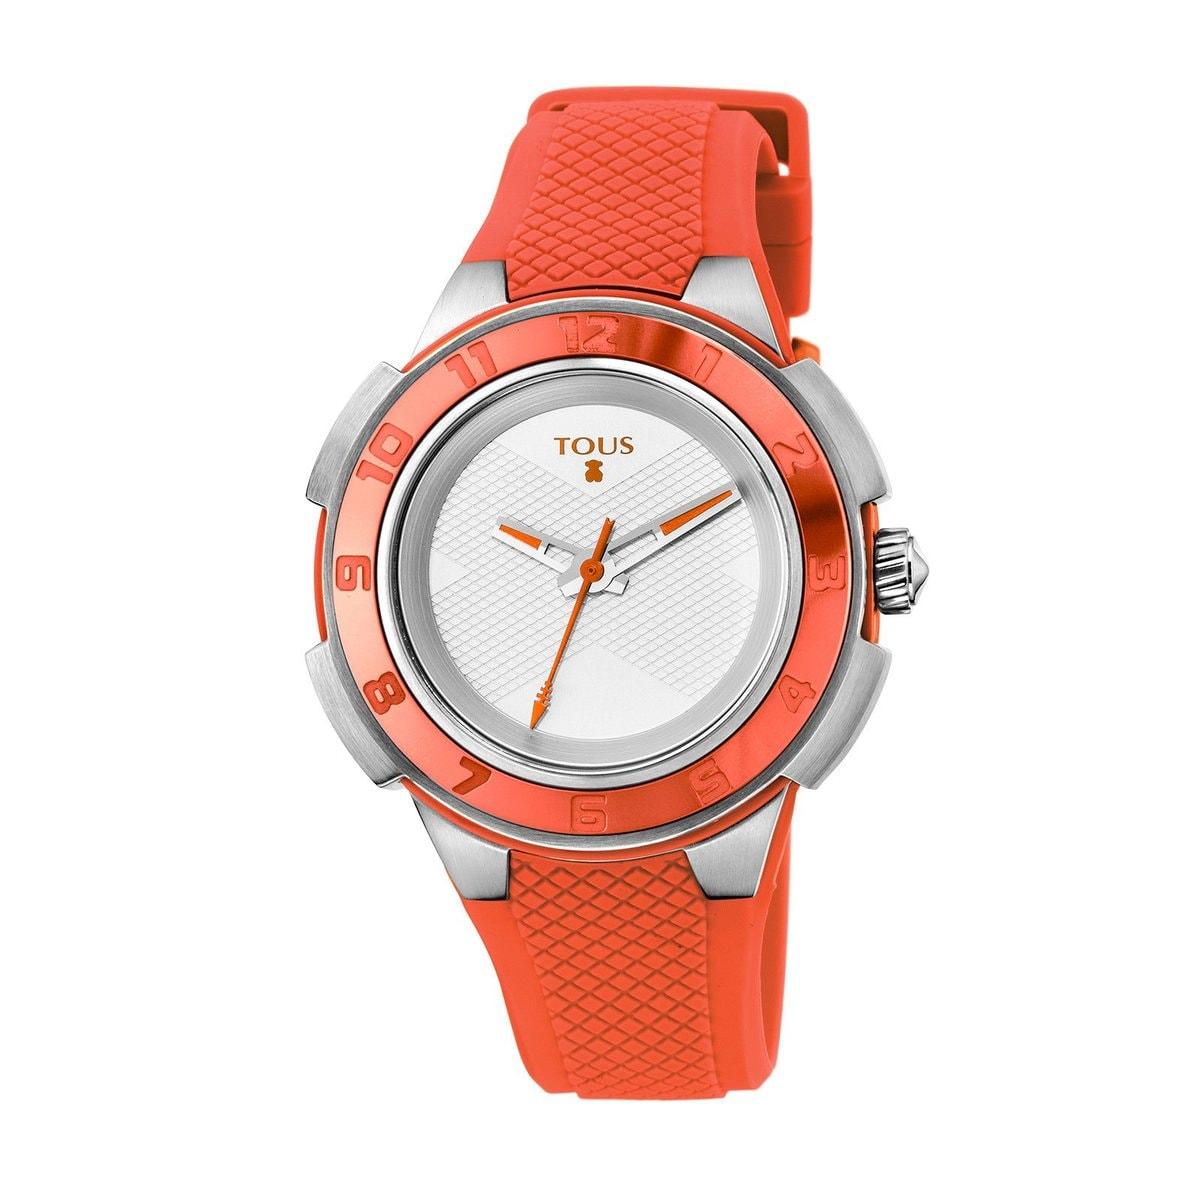 Reloj Xtous Colors bicolor de acero/aluminio anodizado coral con correa de silicona coral